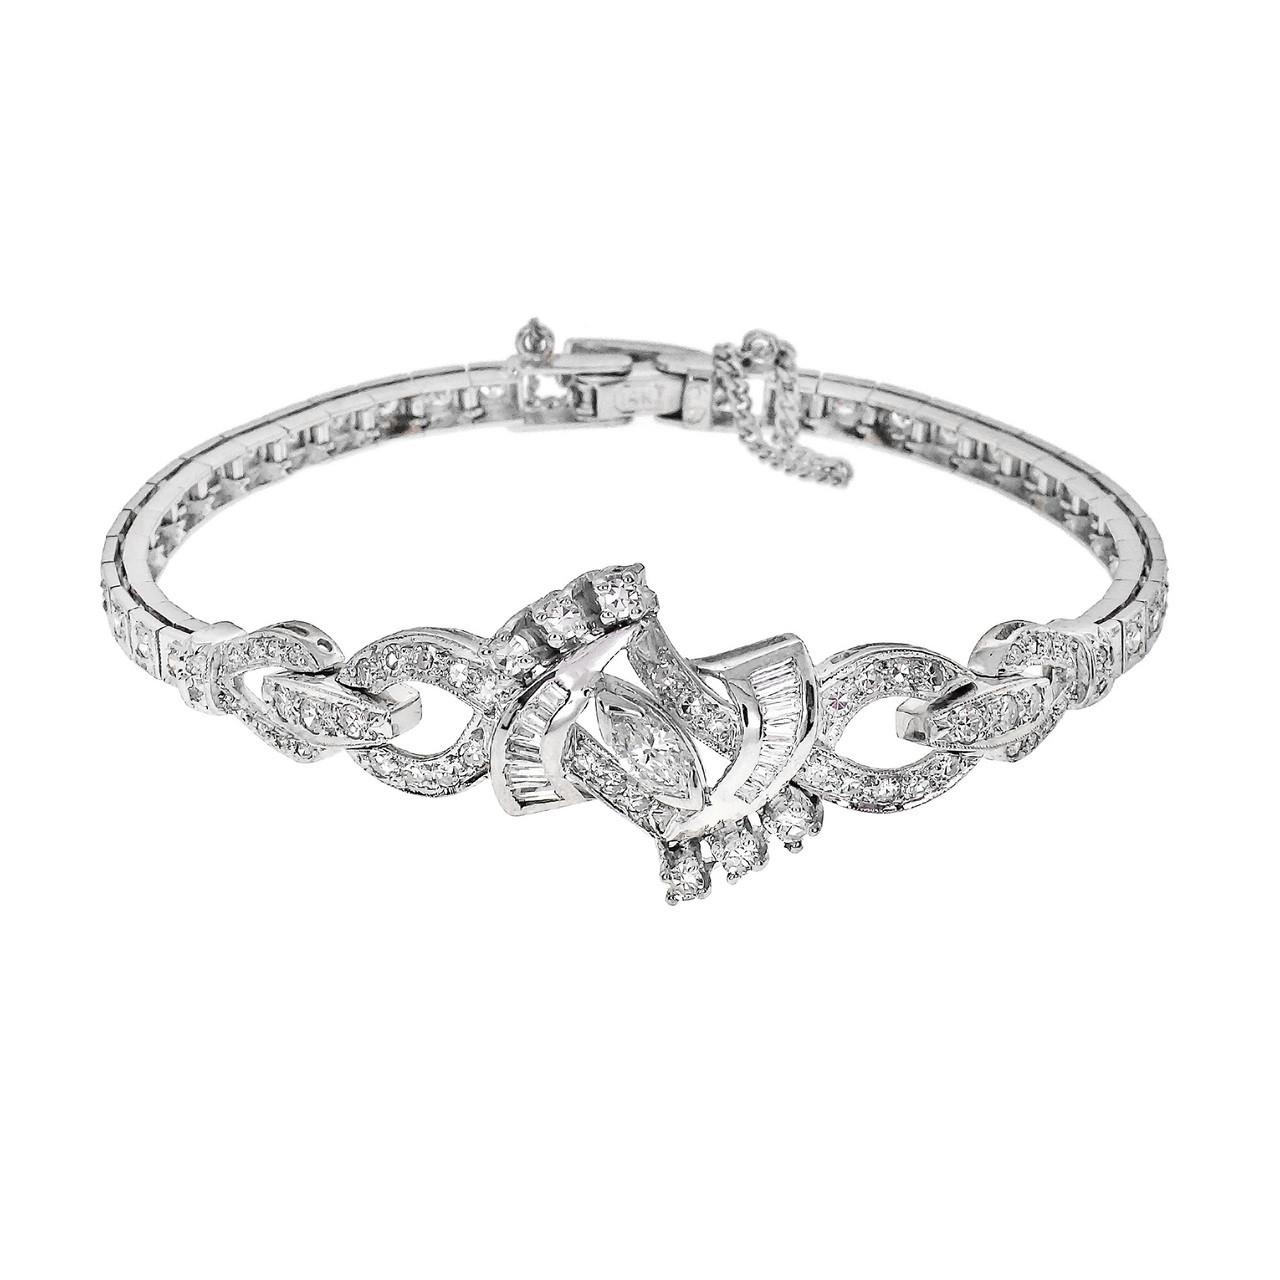 87d9994481ce2 Vintage 1950 Diamond Bracelet 14k White Gold Fancy Center